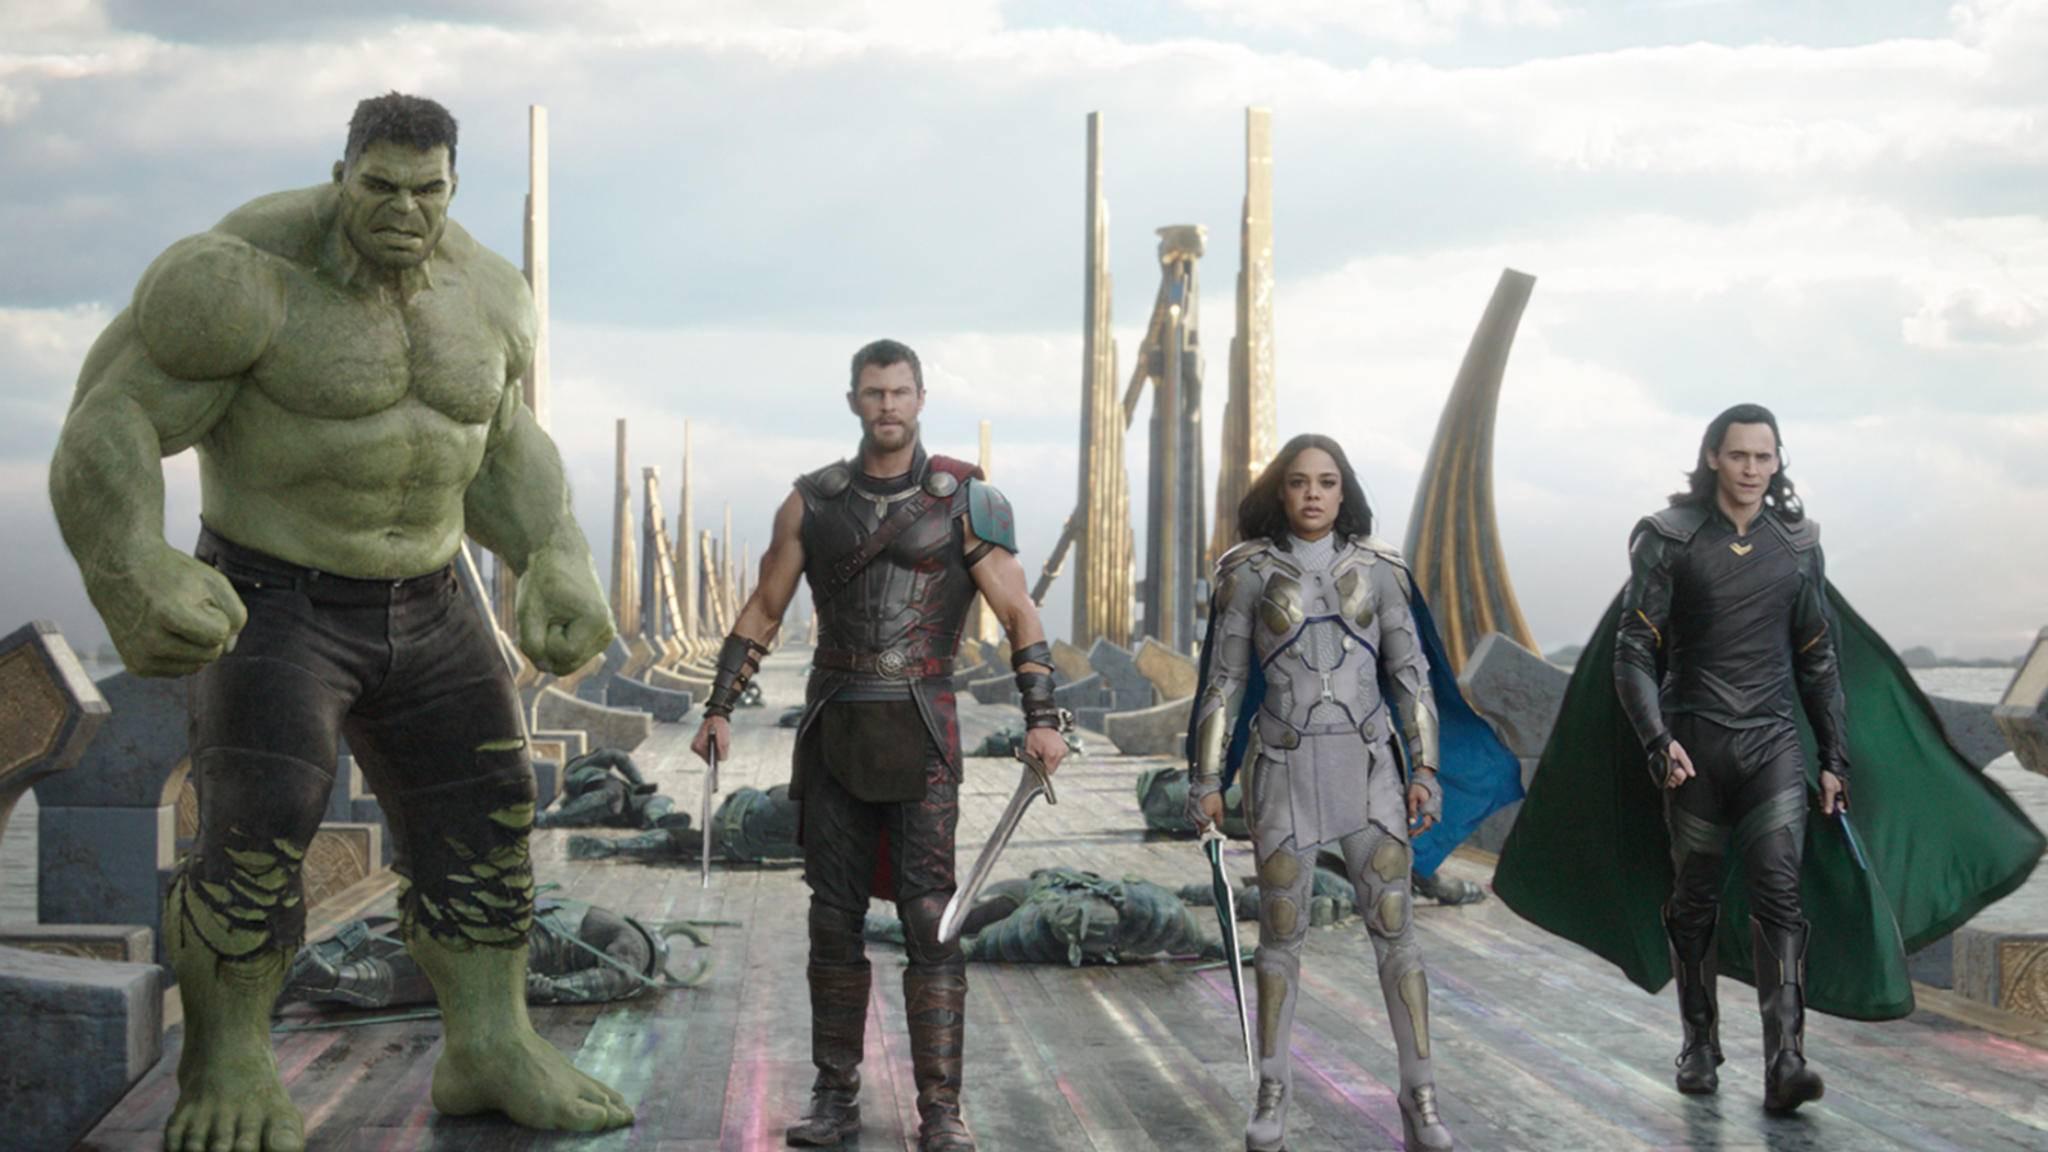 Ein Mitglied der Marvel-Familie könnte bei den BAFTA-Awards siegreich von dannen ziehen.